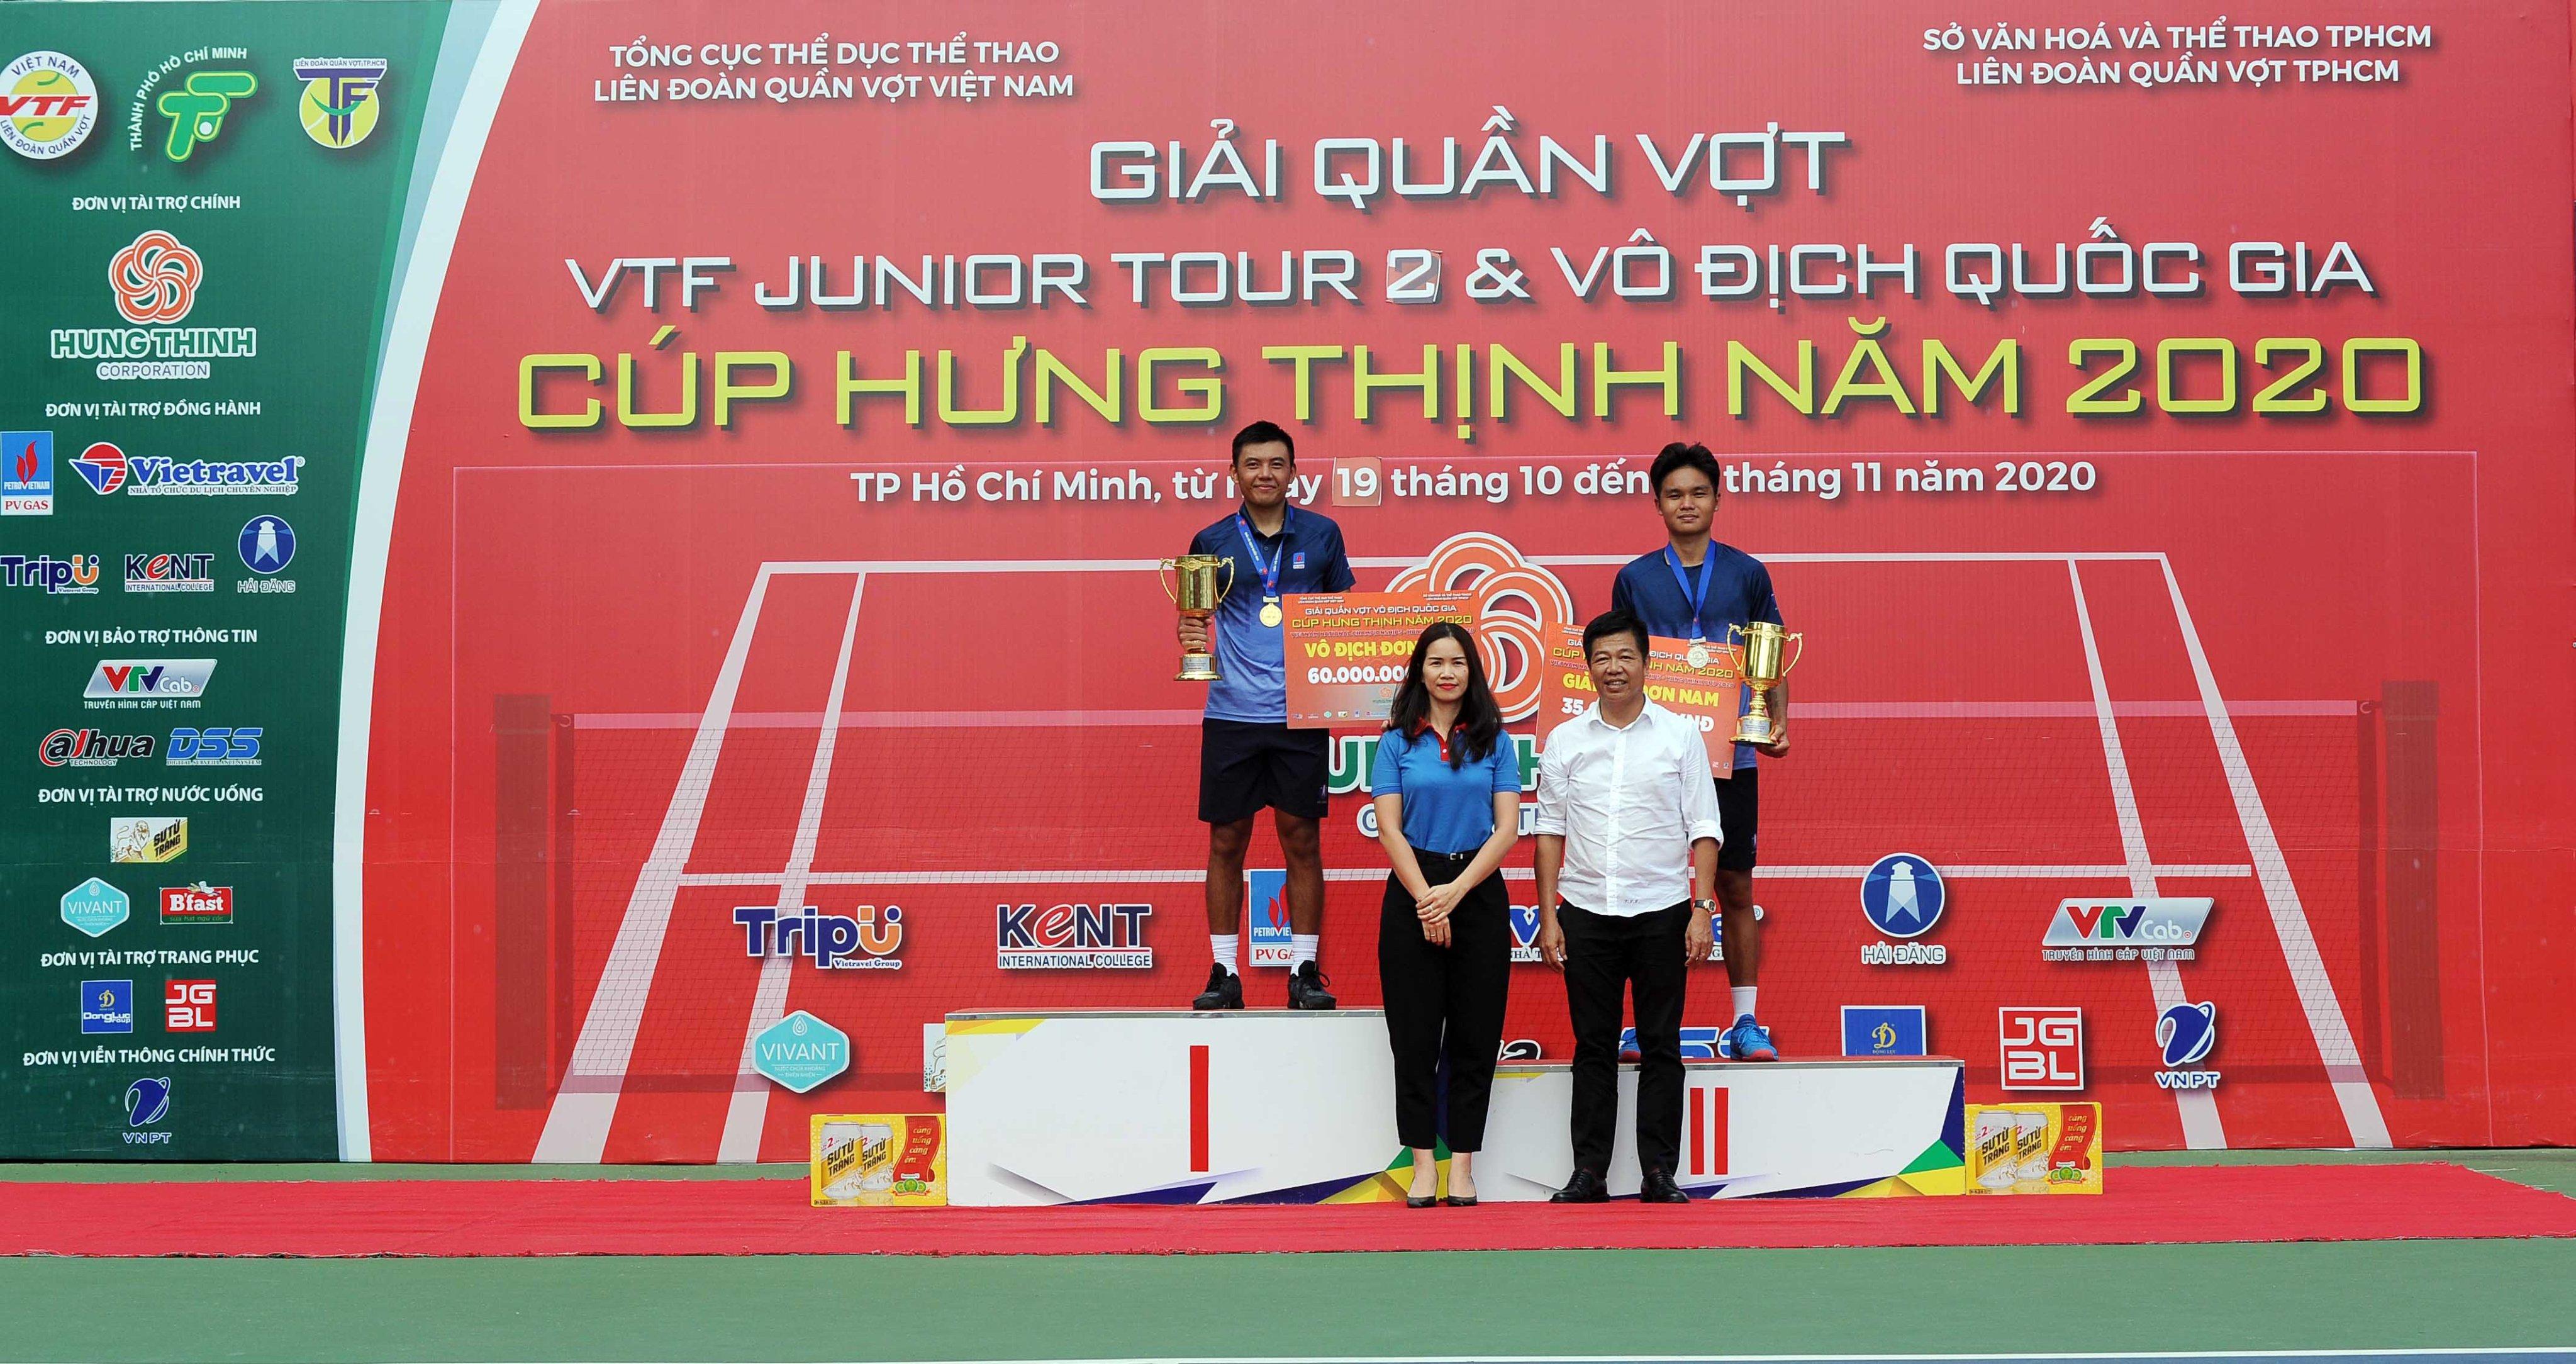 Hình ảnh: Giải quần vợt Vô địch Quốc gia – Cúp Hưng Thịnh năm 2020:  Lý Hoàng Nam giành  3 trên 7 HCV số 2